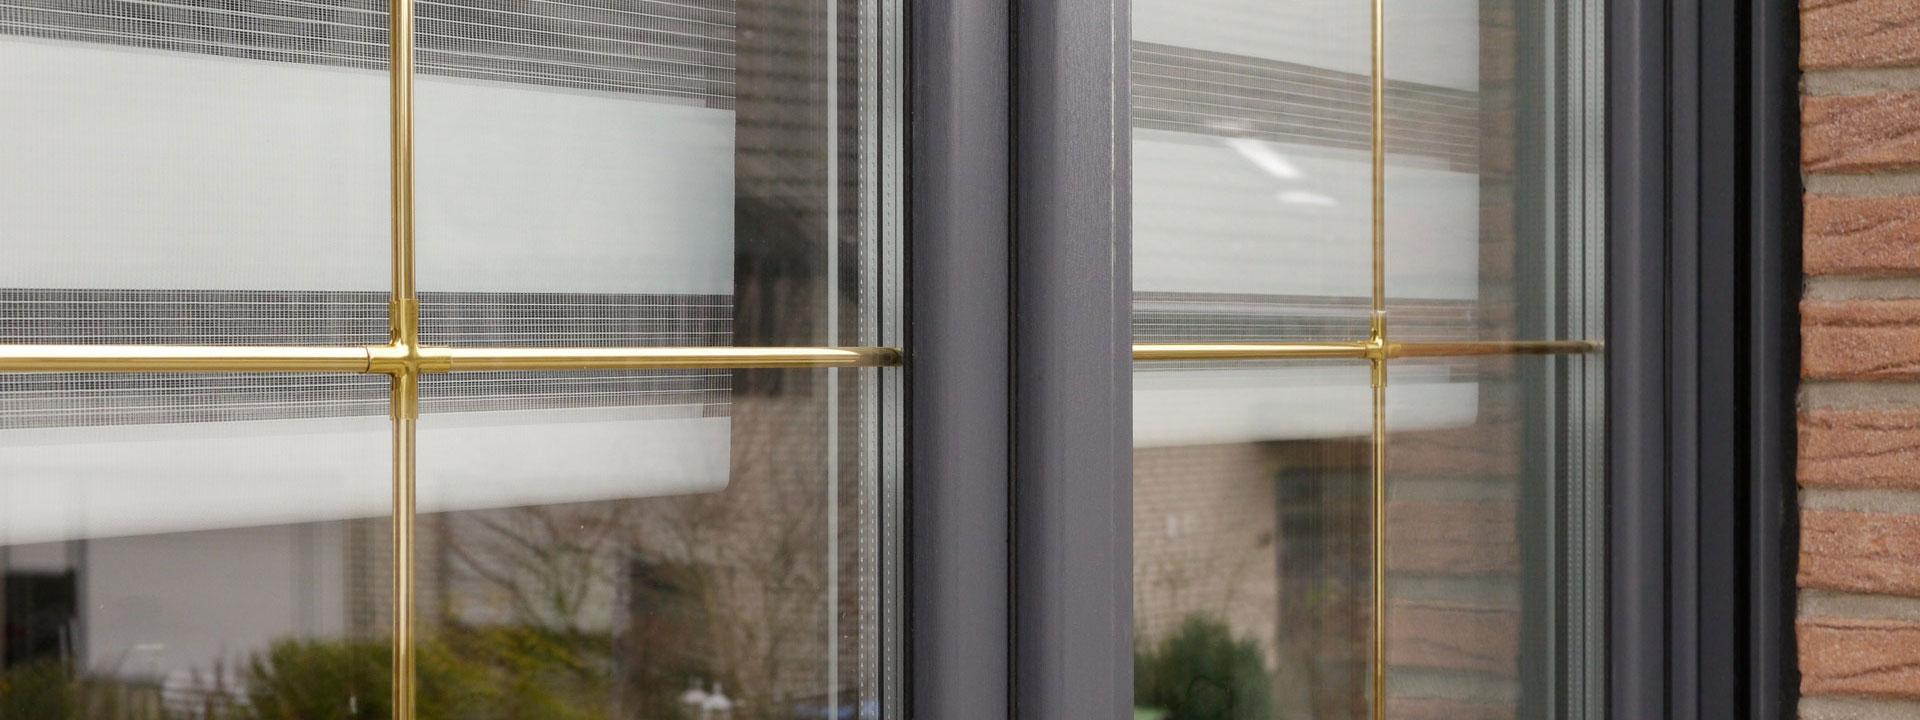 Pvc system iglo light wika fensterbau - Kunststofffenster mit sprossen ...